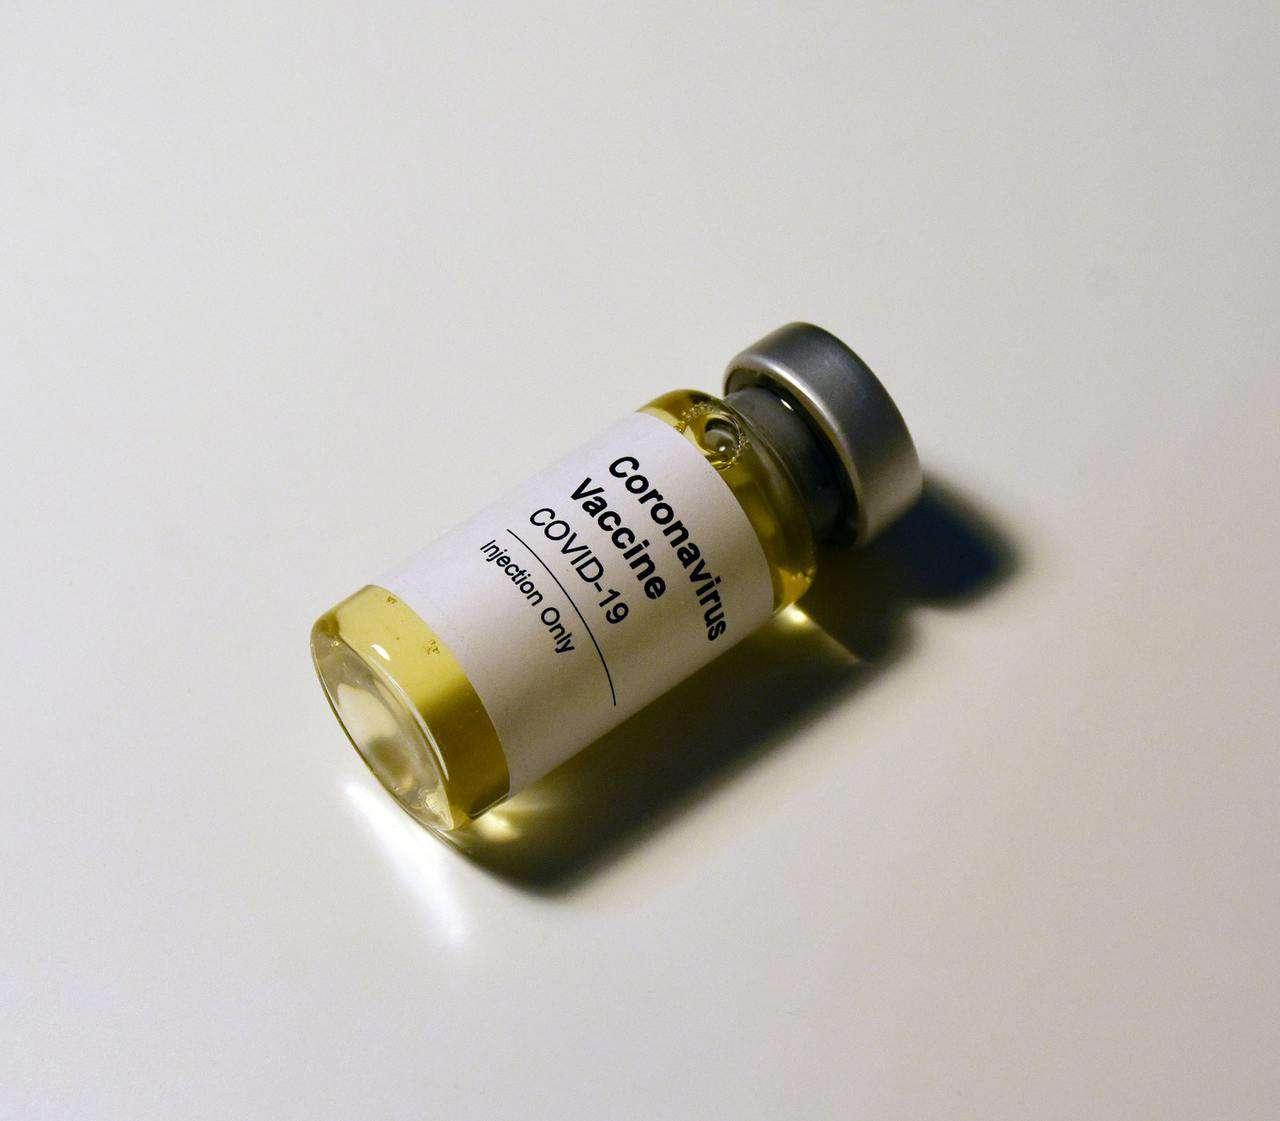 Probablemente todos necesitemos dosis de refuerzo, pero todavía no está claro de qué vacuna